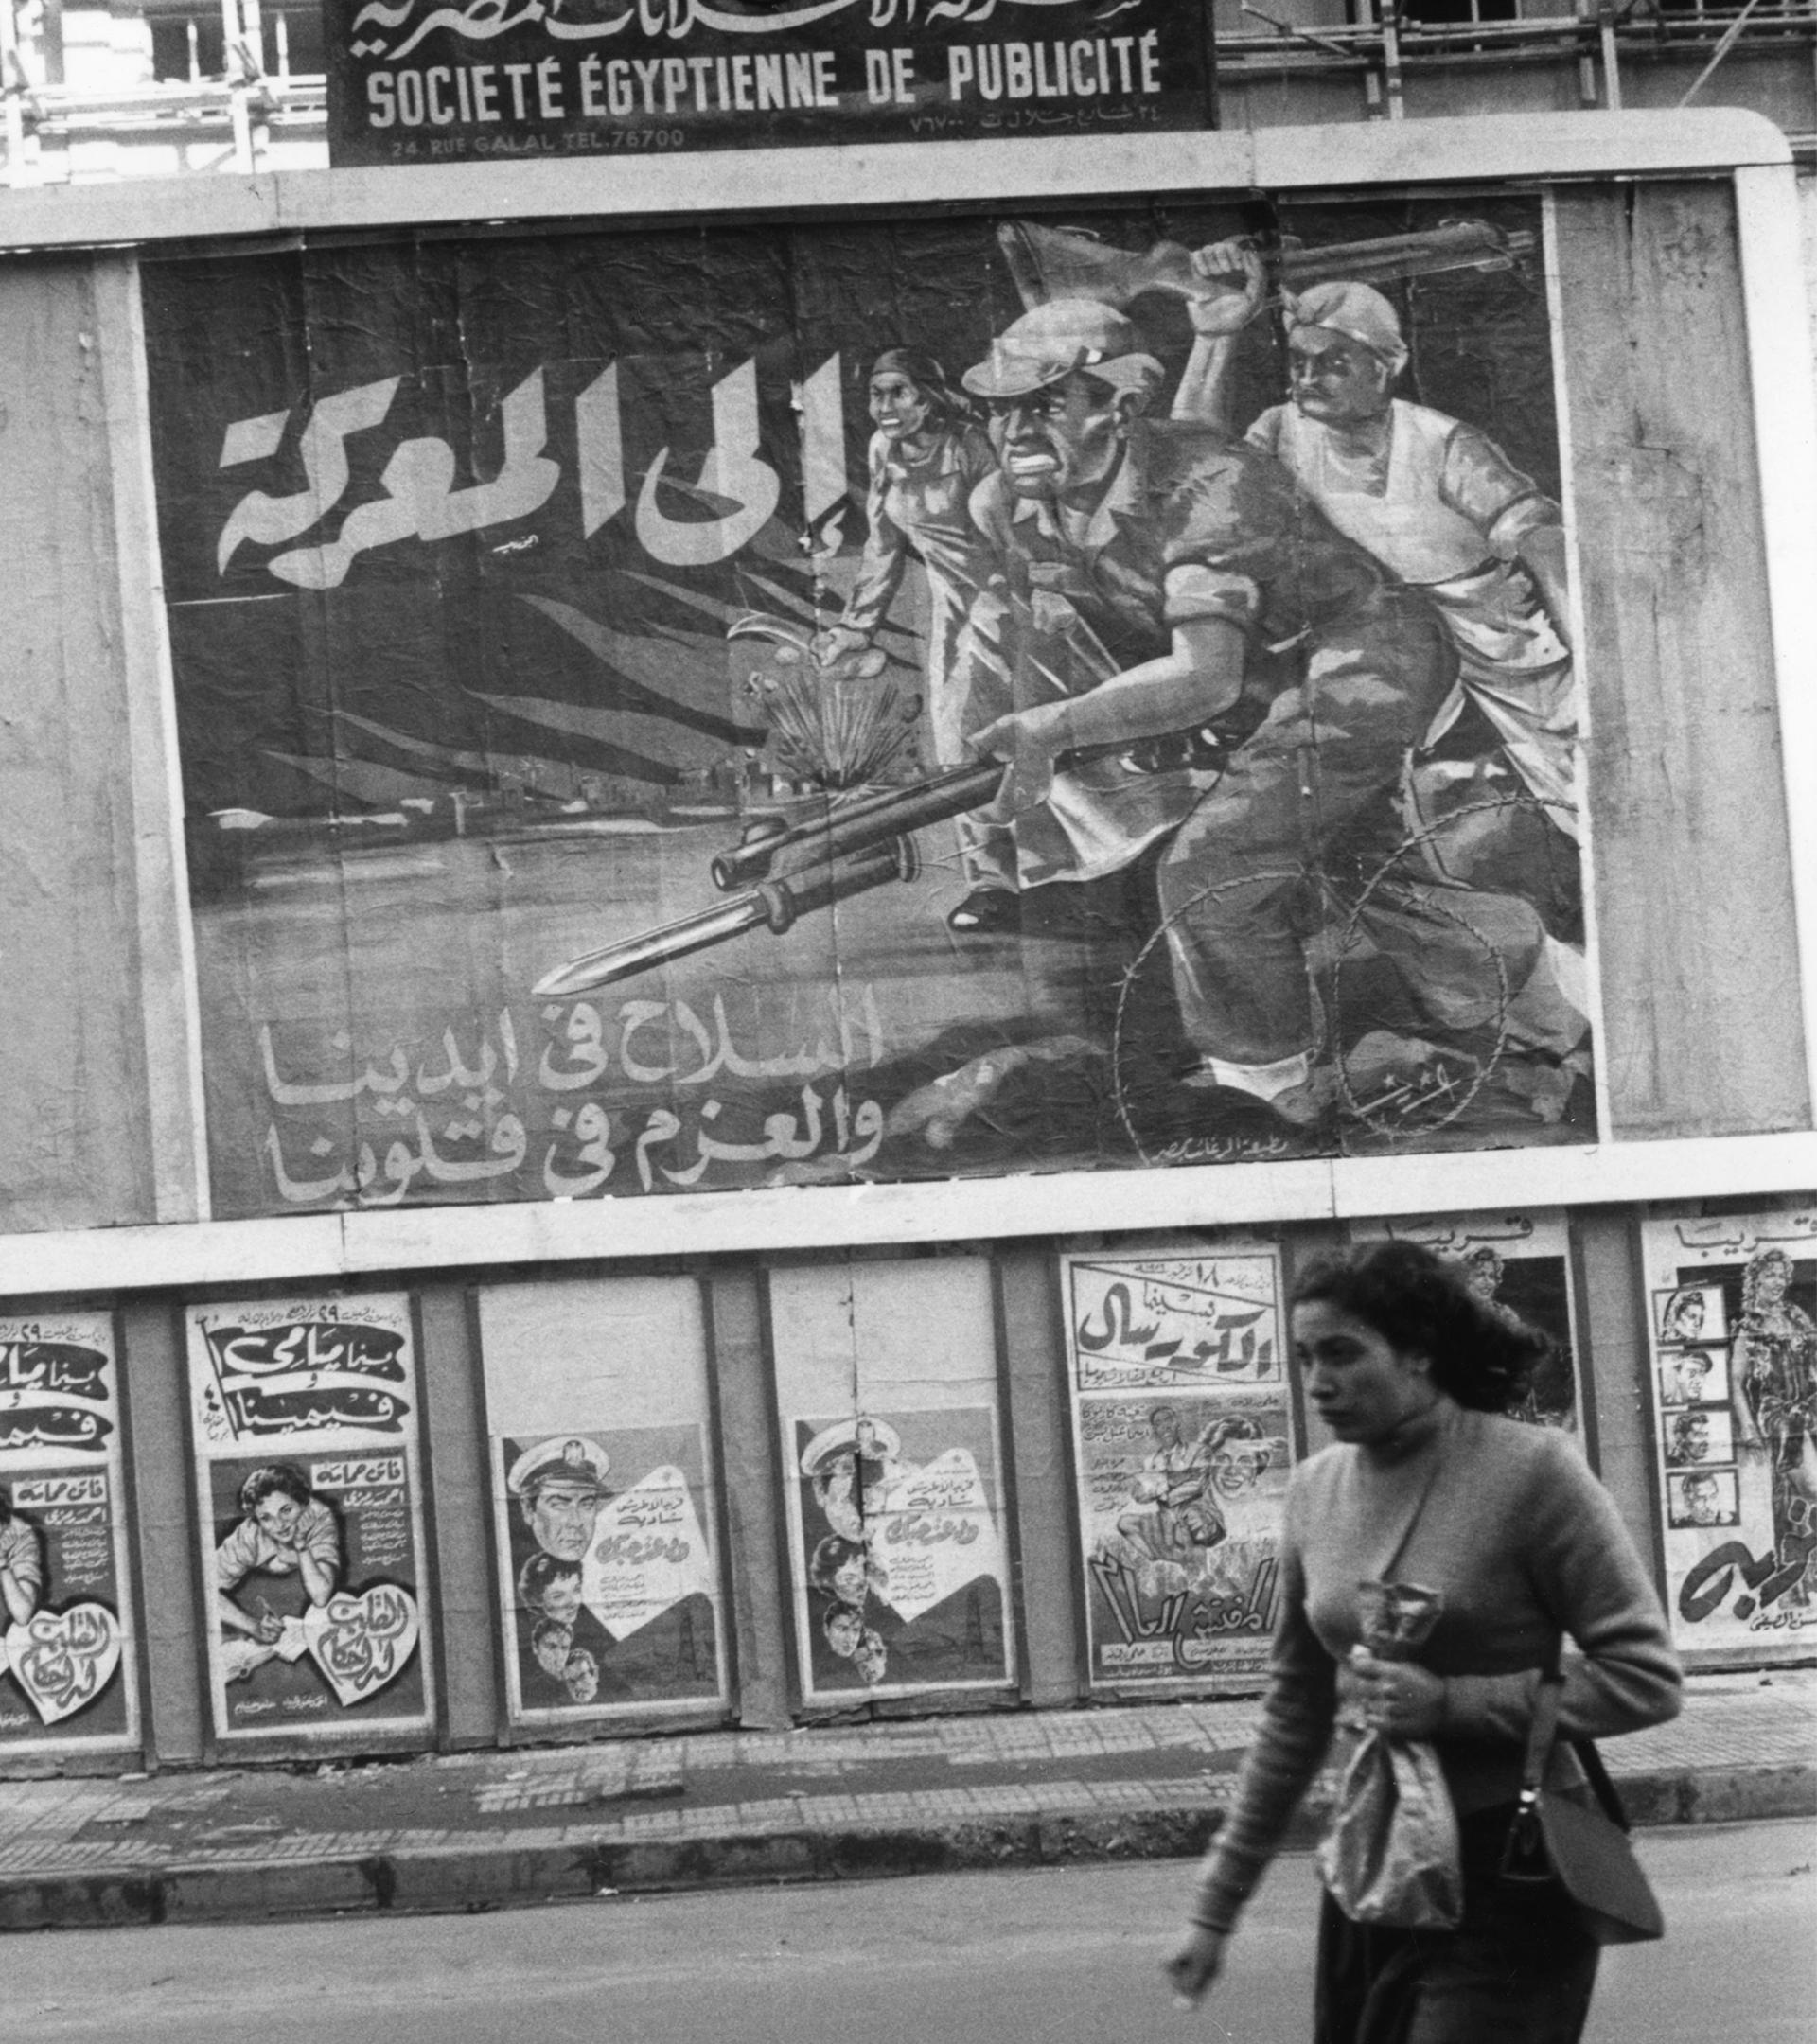 Una mujer en una calle de Alejandría con imágenes de propaganda de Nasser en EL año 1956.